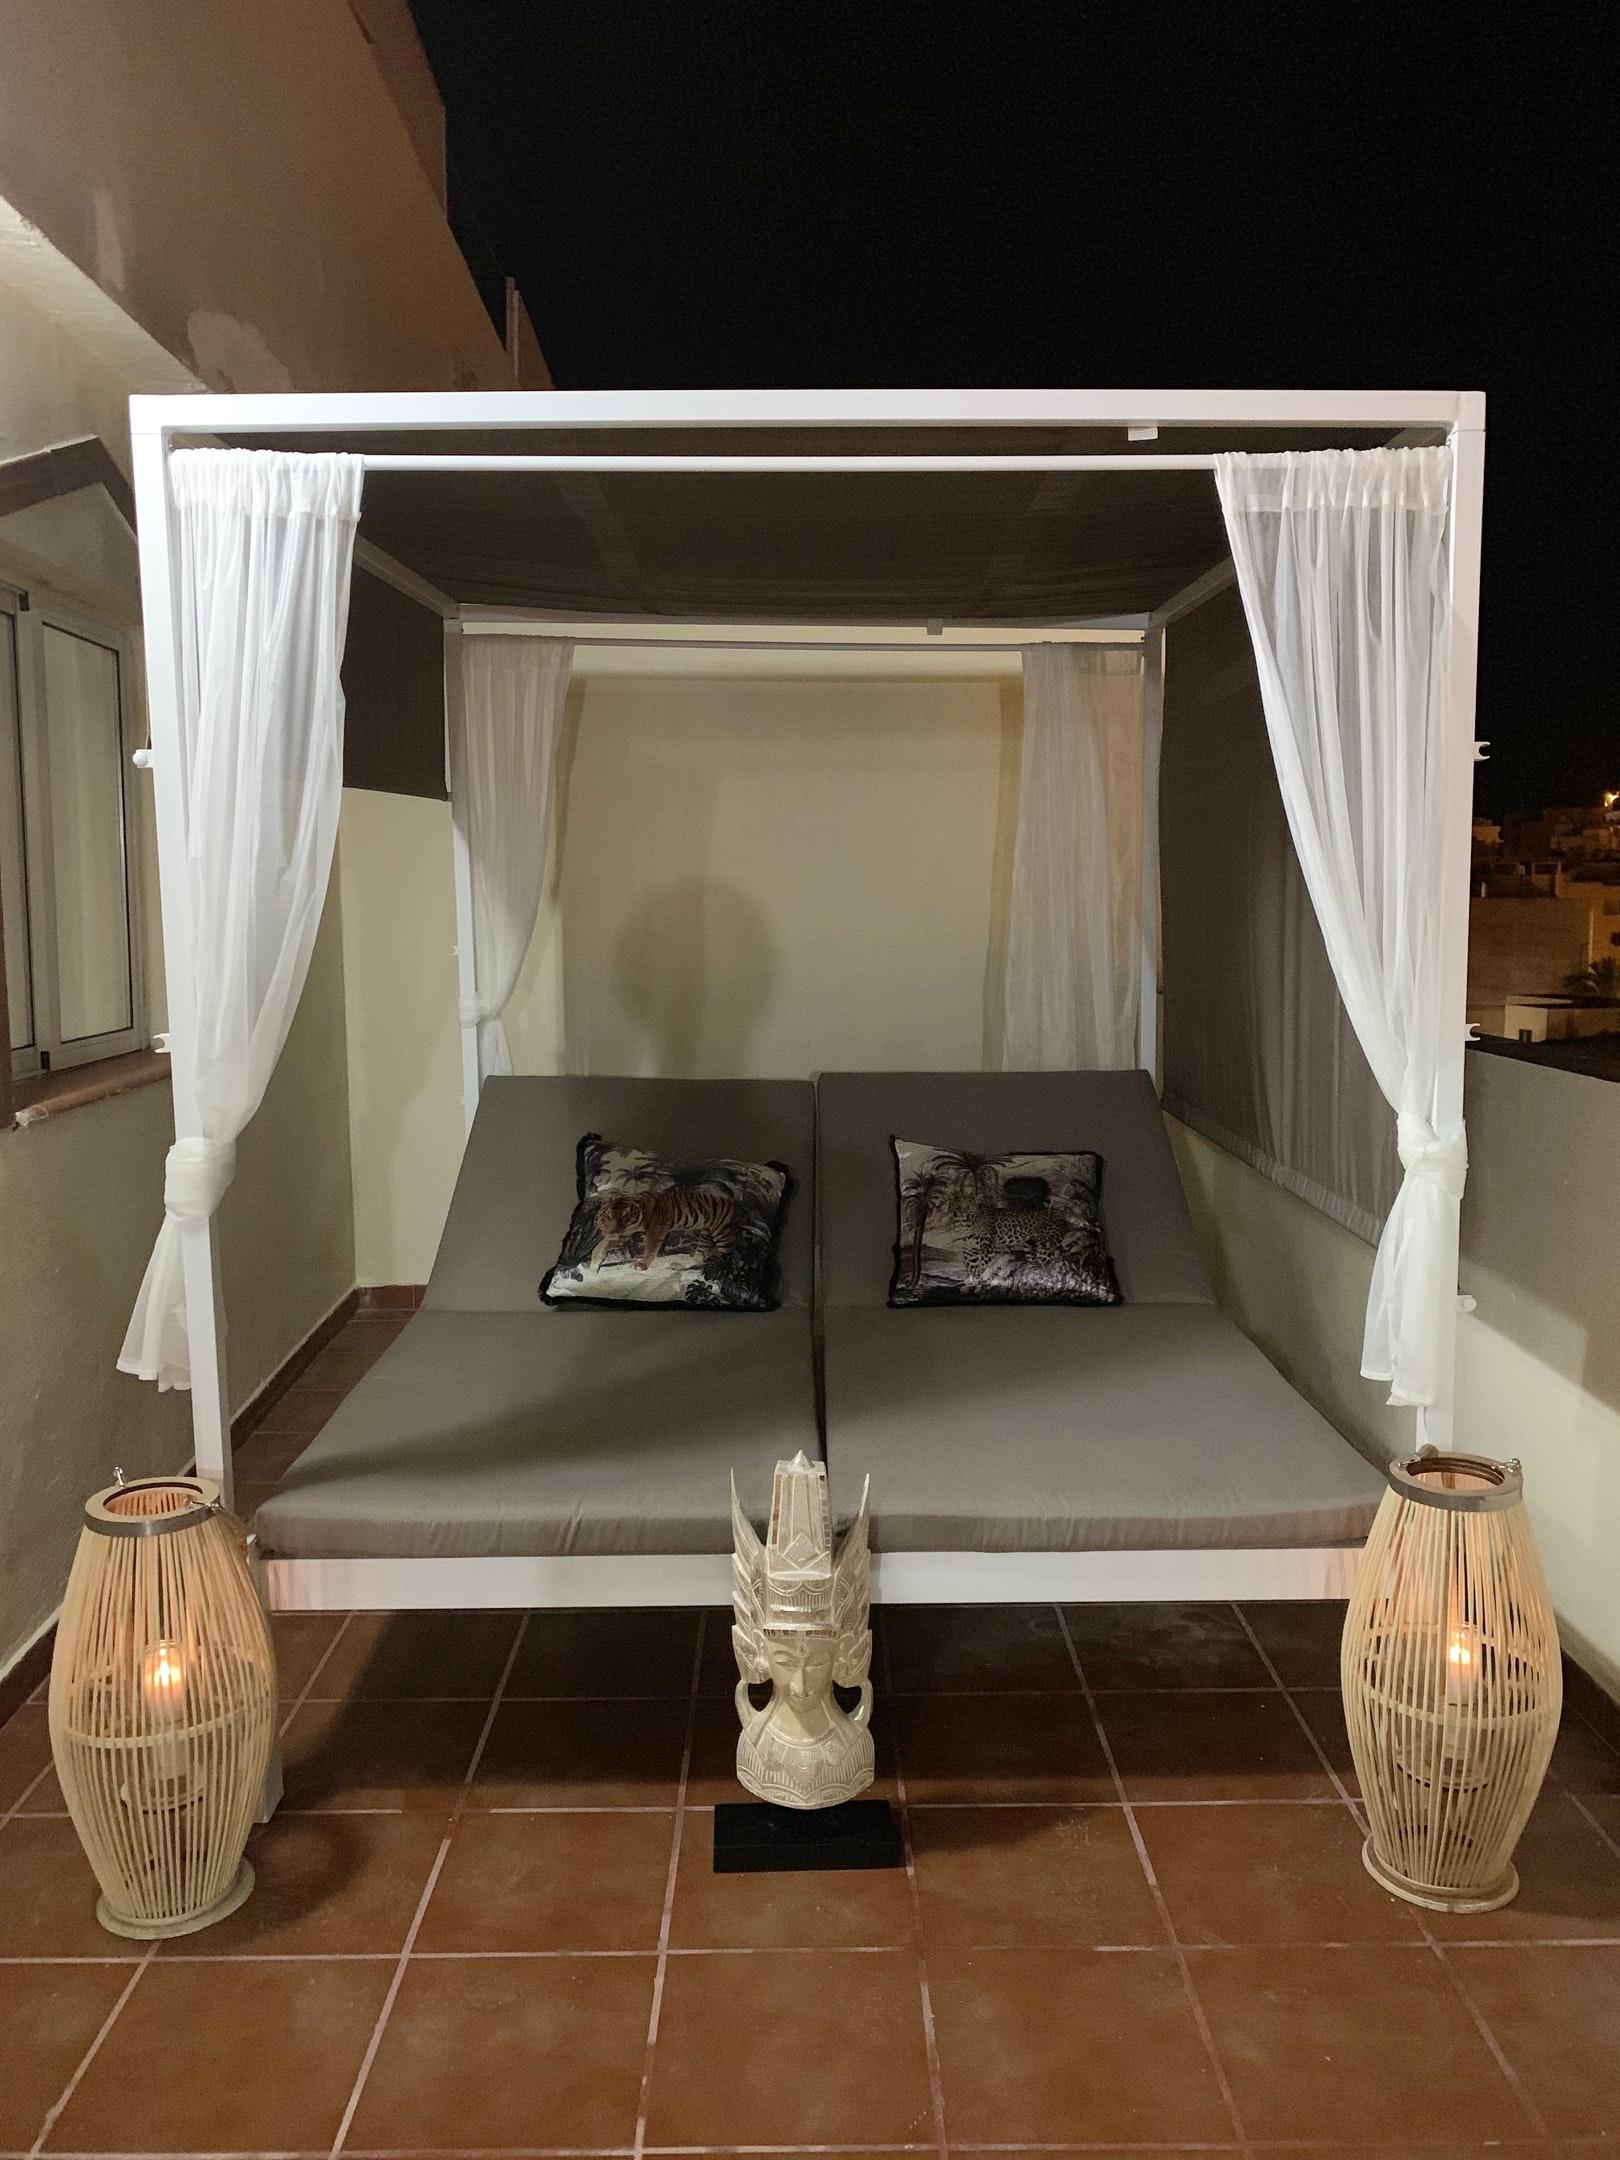 Appartement de vacances Wohnung mit 2 Schlafzimmern in Los Cristianos mit toller Aussicht auf die Berge, eingezäun (2202481), Los Cristianos, Ténérife, Iles Canaries, Espagne, image 19